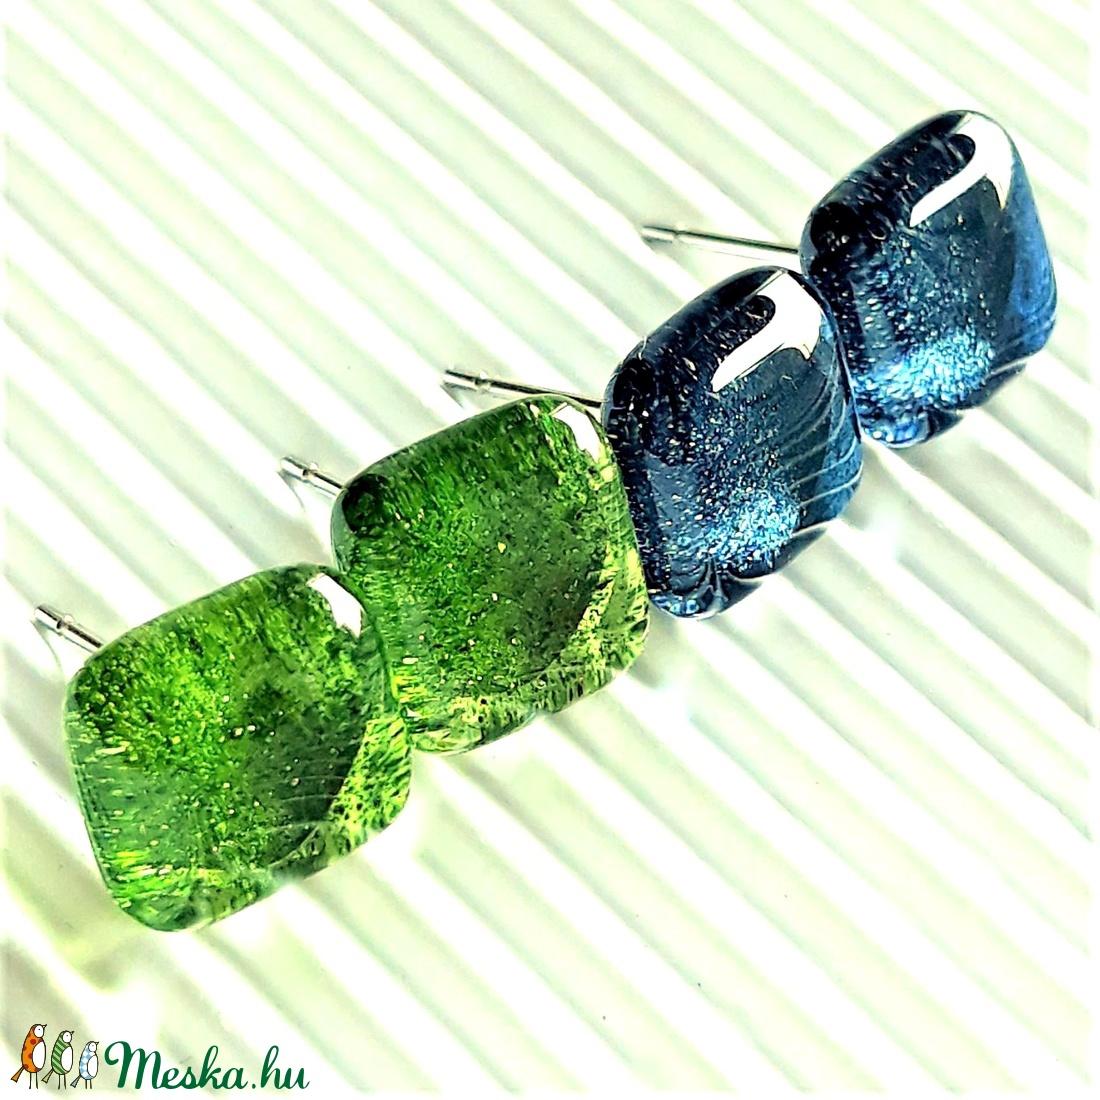 Kék-zöld csillámfény bedugós üveg fülbevalók orvosi fém alapon, üvegékszer szett - ékszer - fülbevaló - pötty fülbevaló - Meska.hu